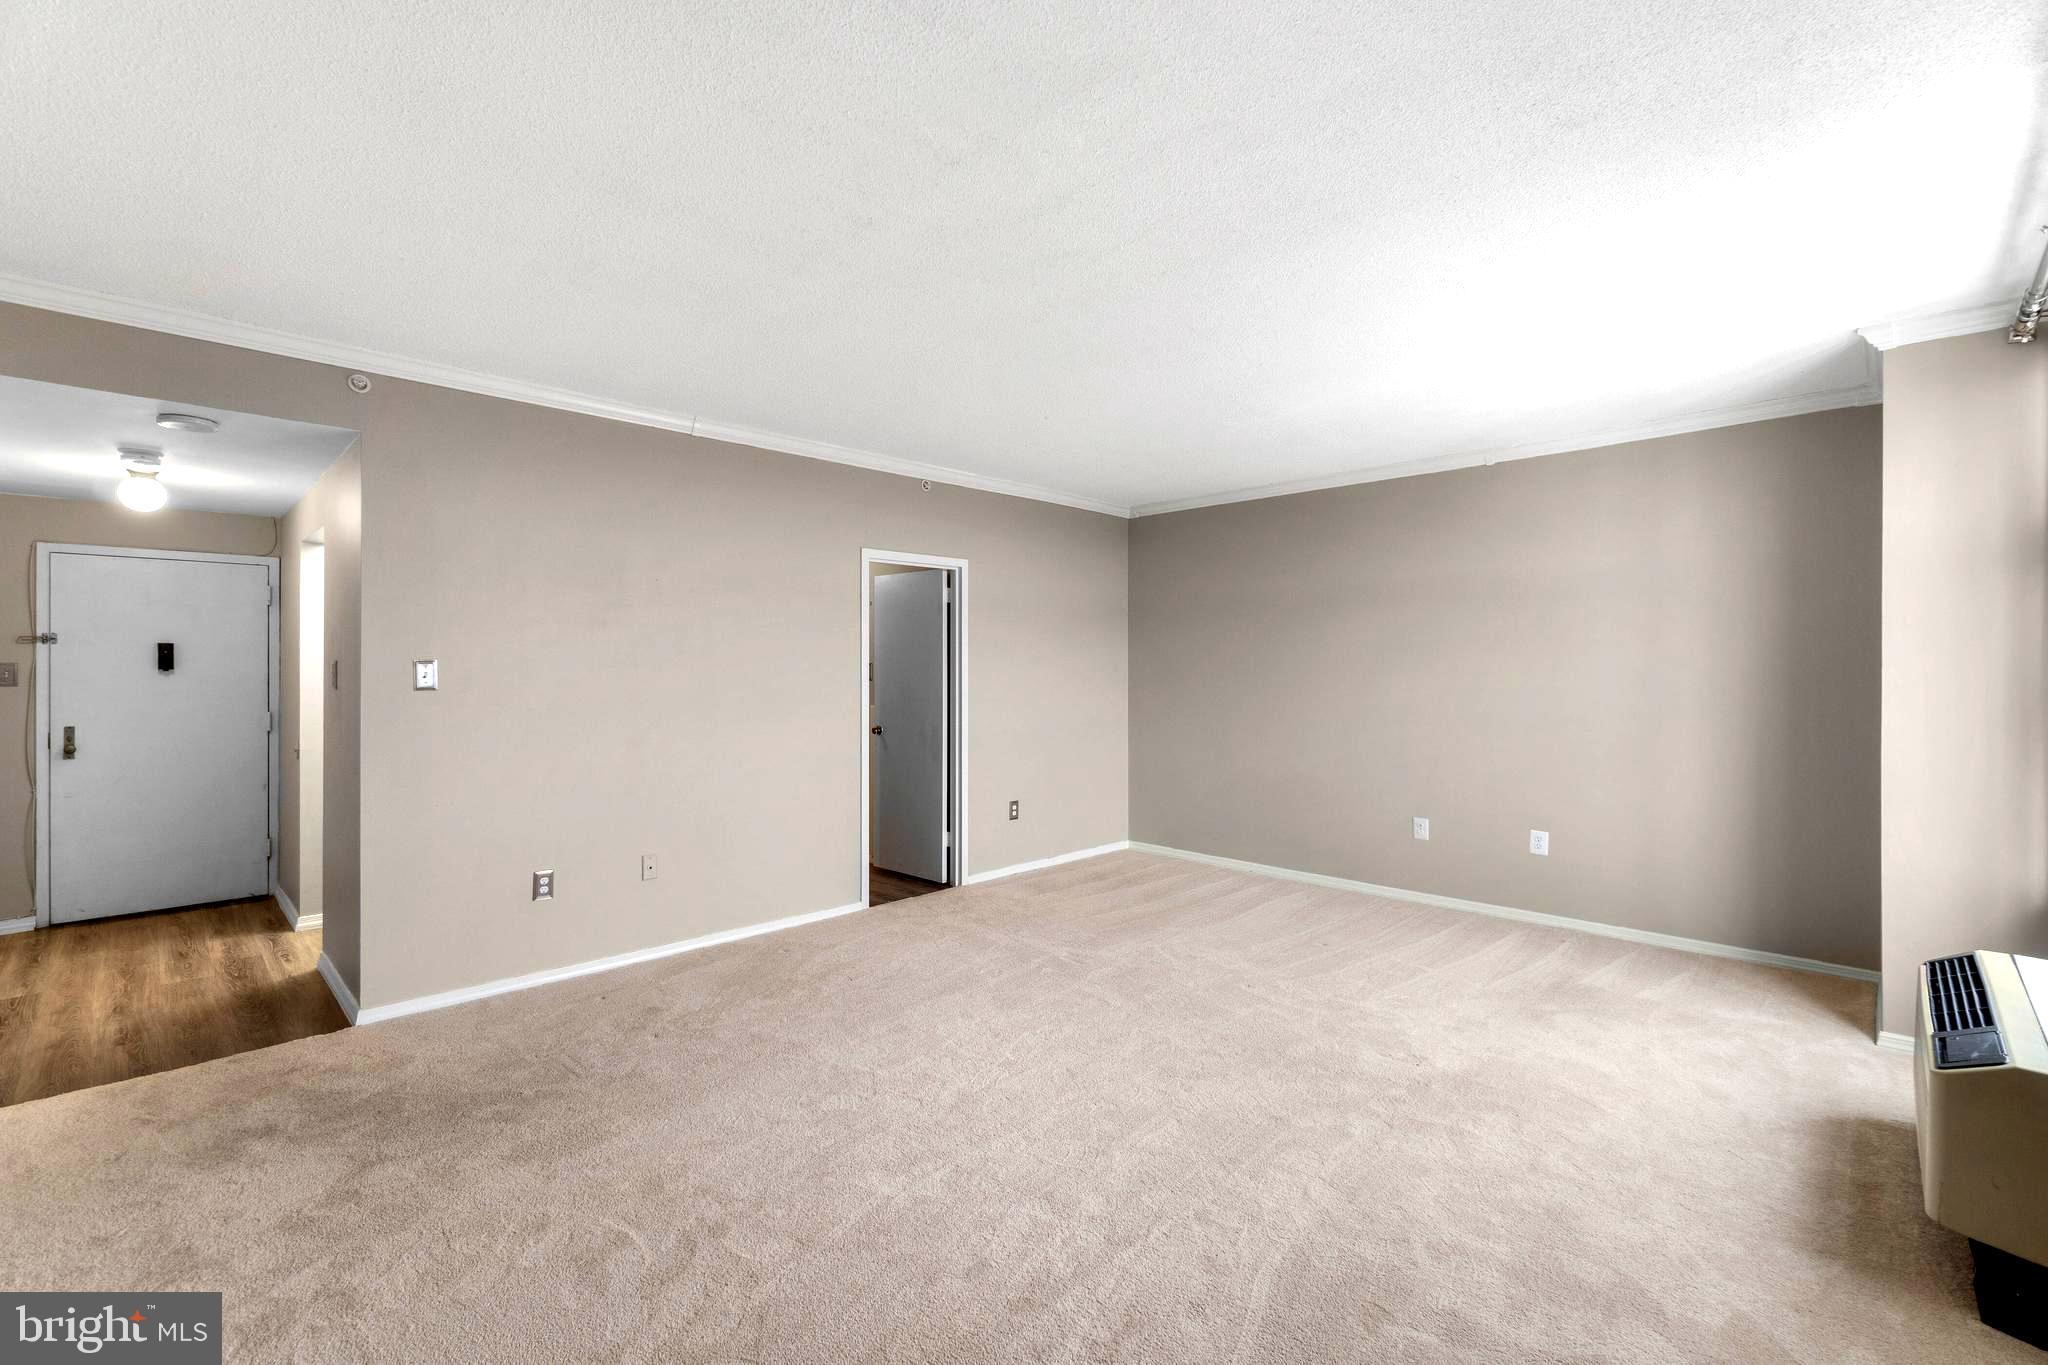 28 ALLEGHENY AVENUE, TOWSON, Maryland 21204, 1 Bedroom Bedrooms, ,1 BathroomBathrooms,Condominium,For Sale,28 ALLEGHENY AVENUE,MDBC523764